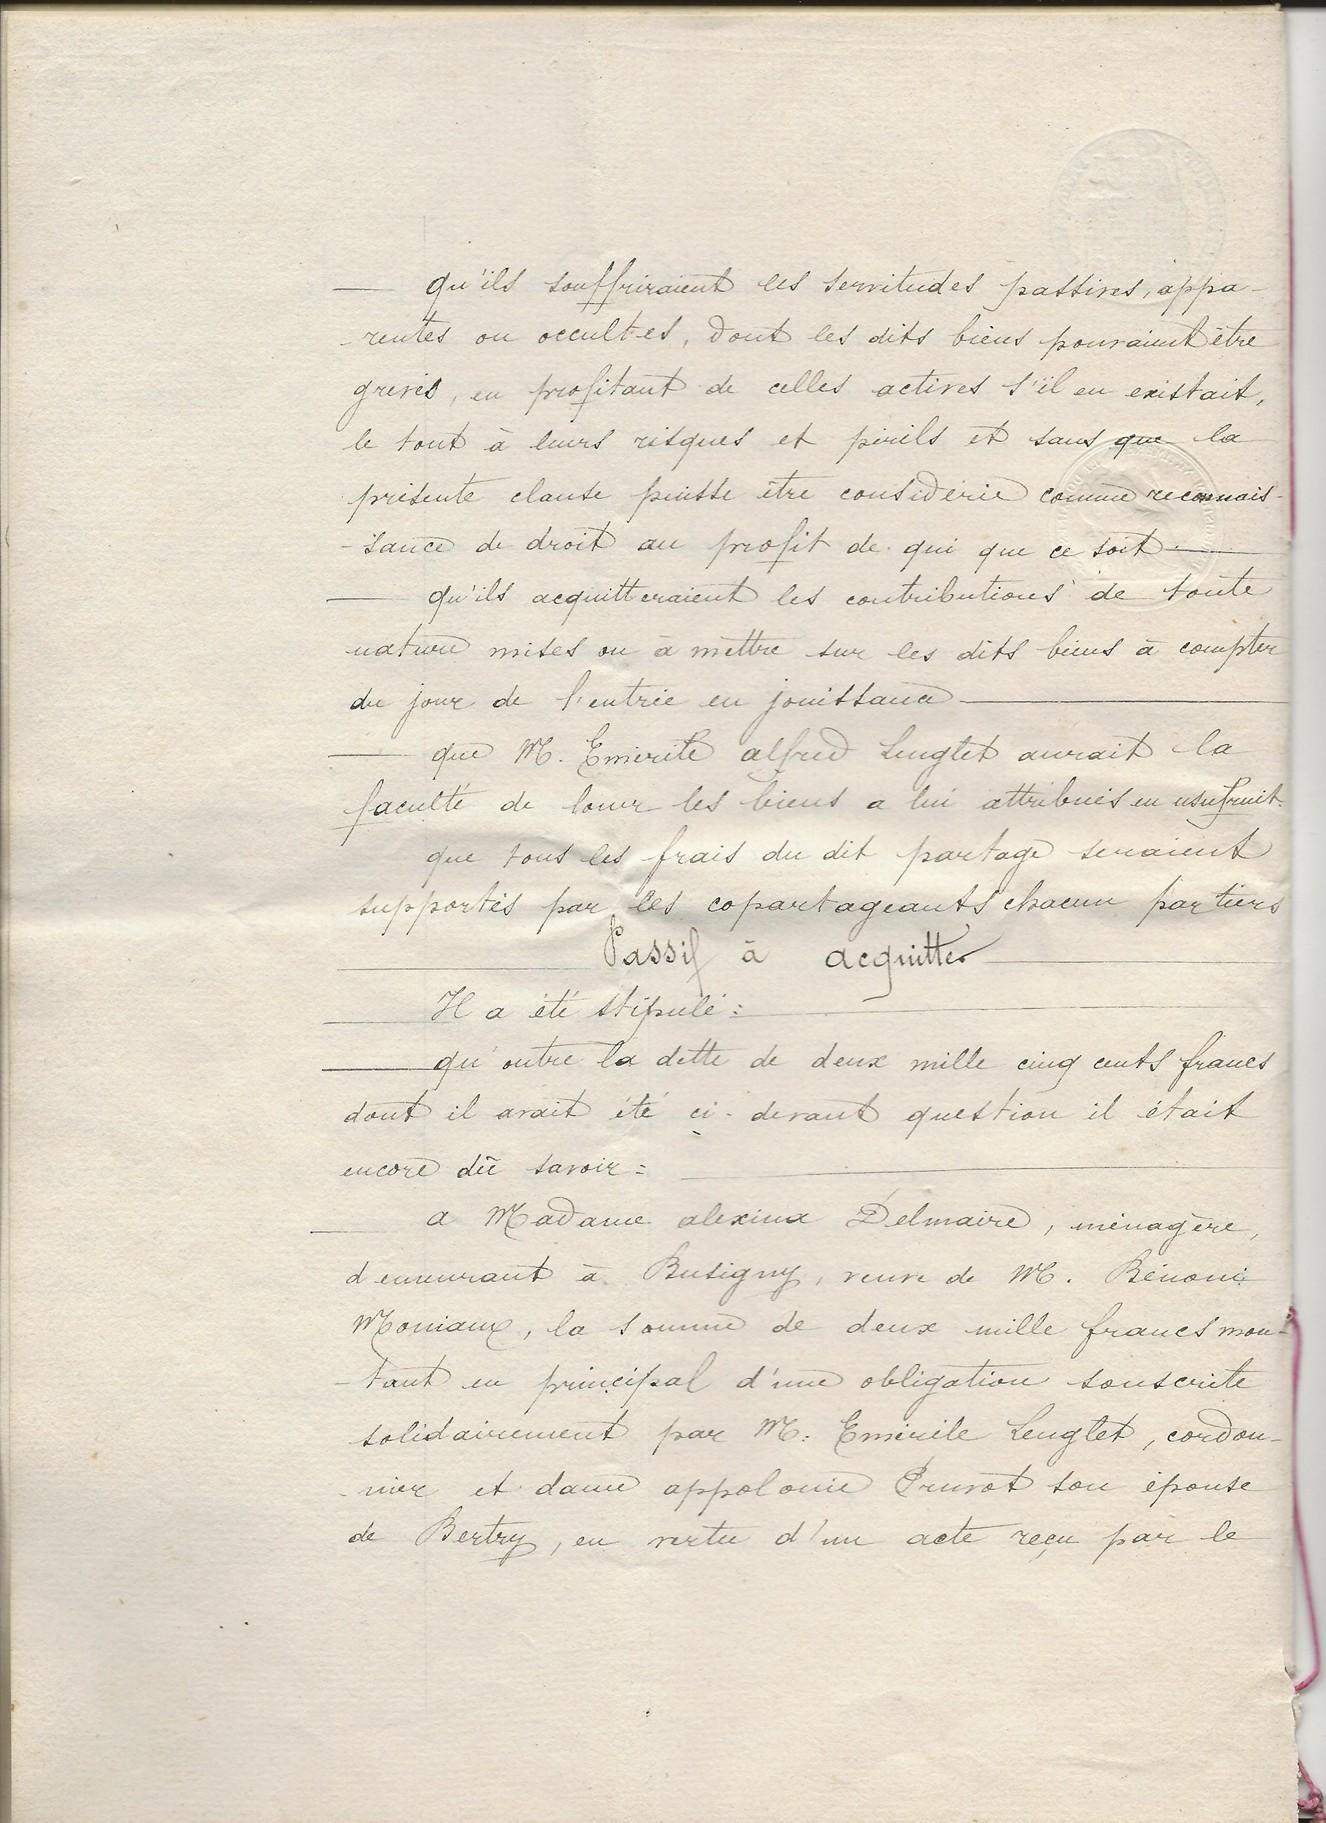 1889 succession de appolonie pruvot epouse lenglet emerile 004